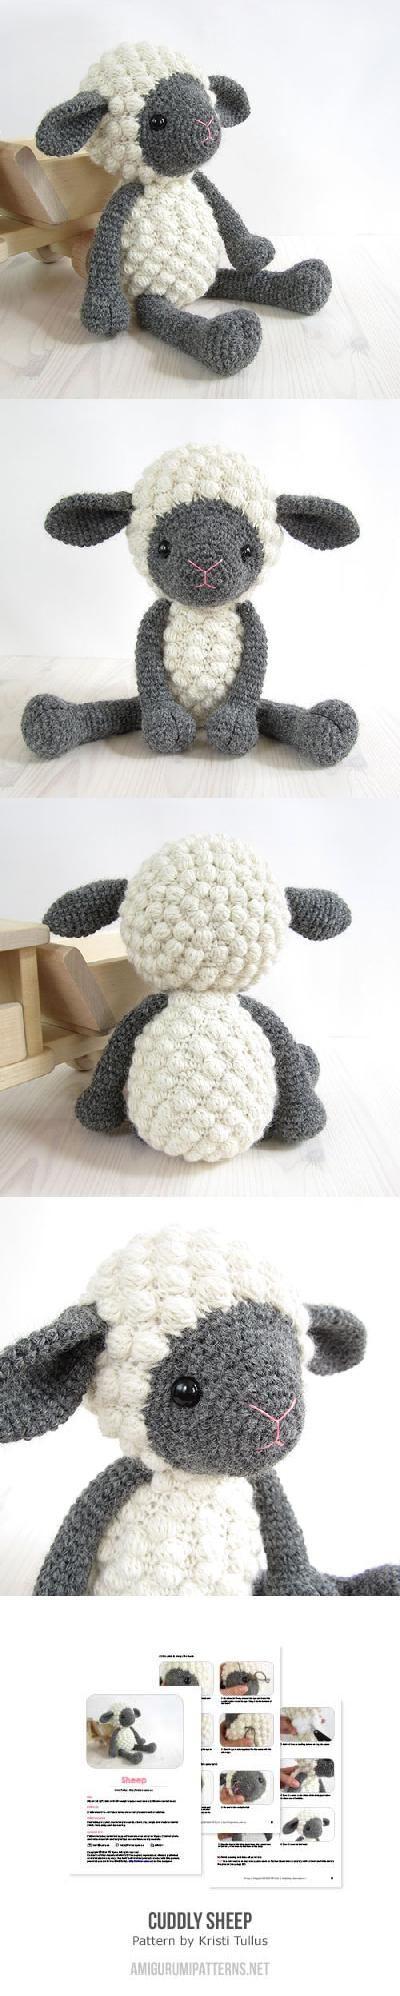 Cuddly sheep ✿⊱╮Teresa Restegui http://www.pinterest.com/teretegui/✿⊱╮